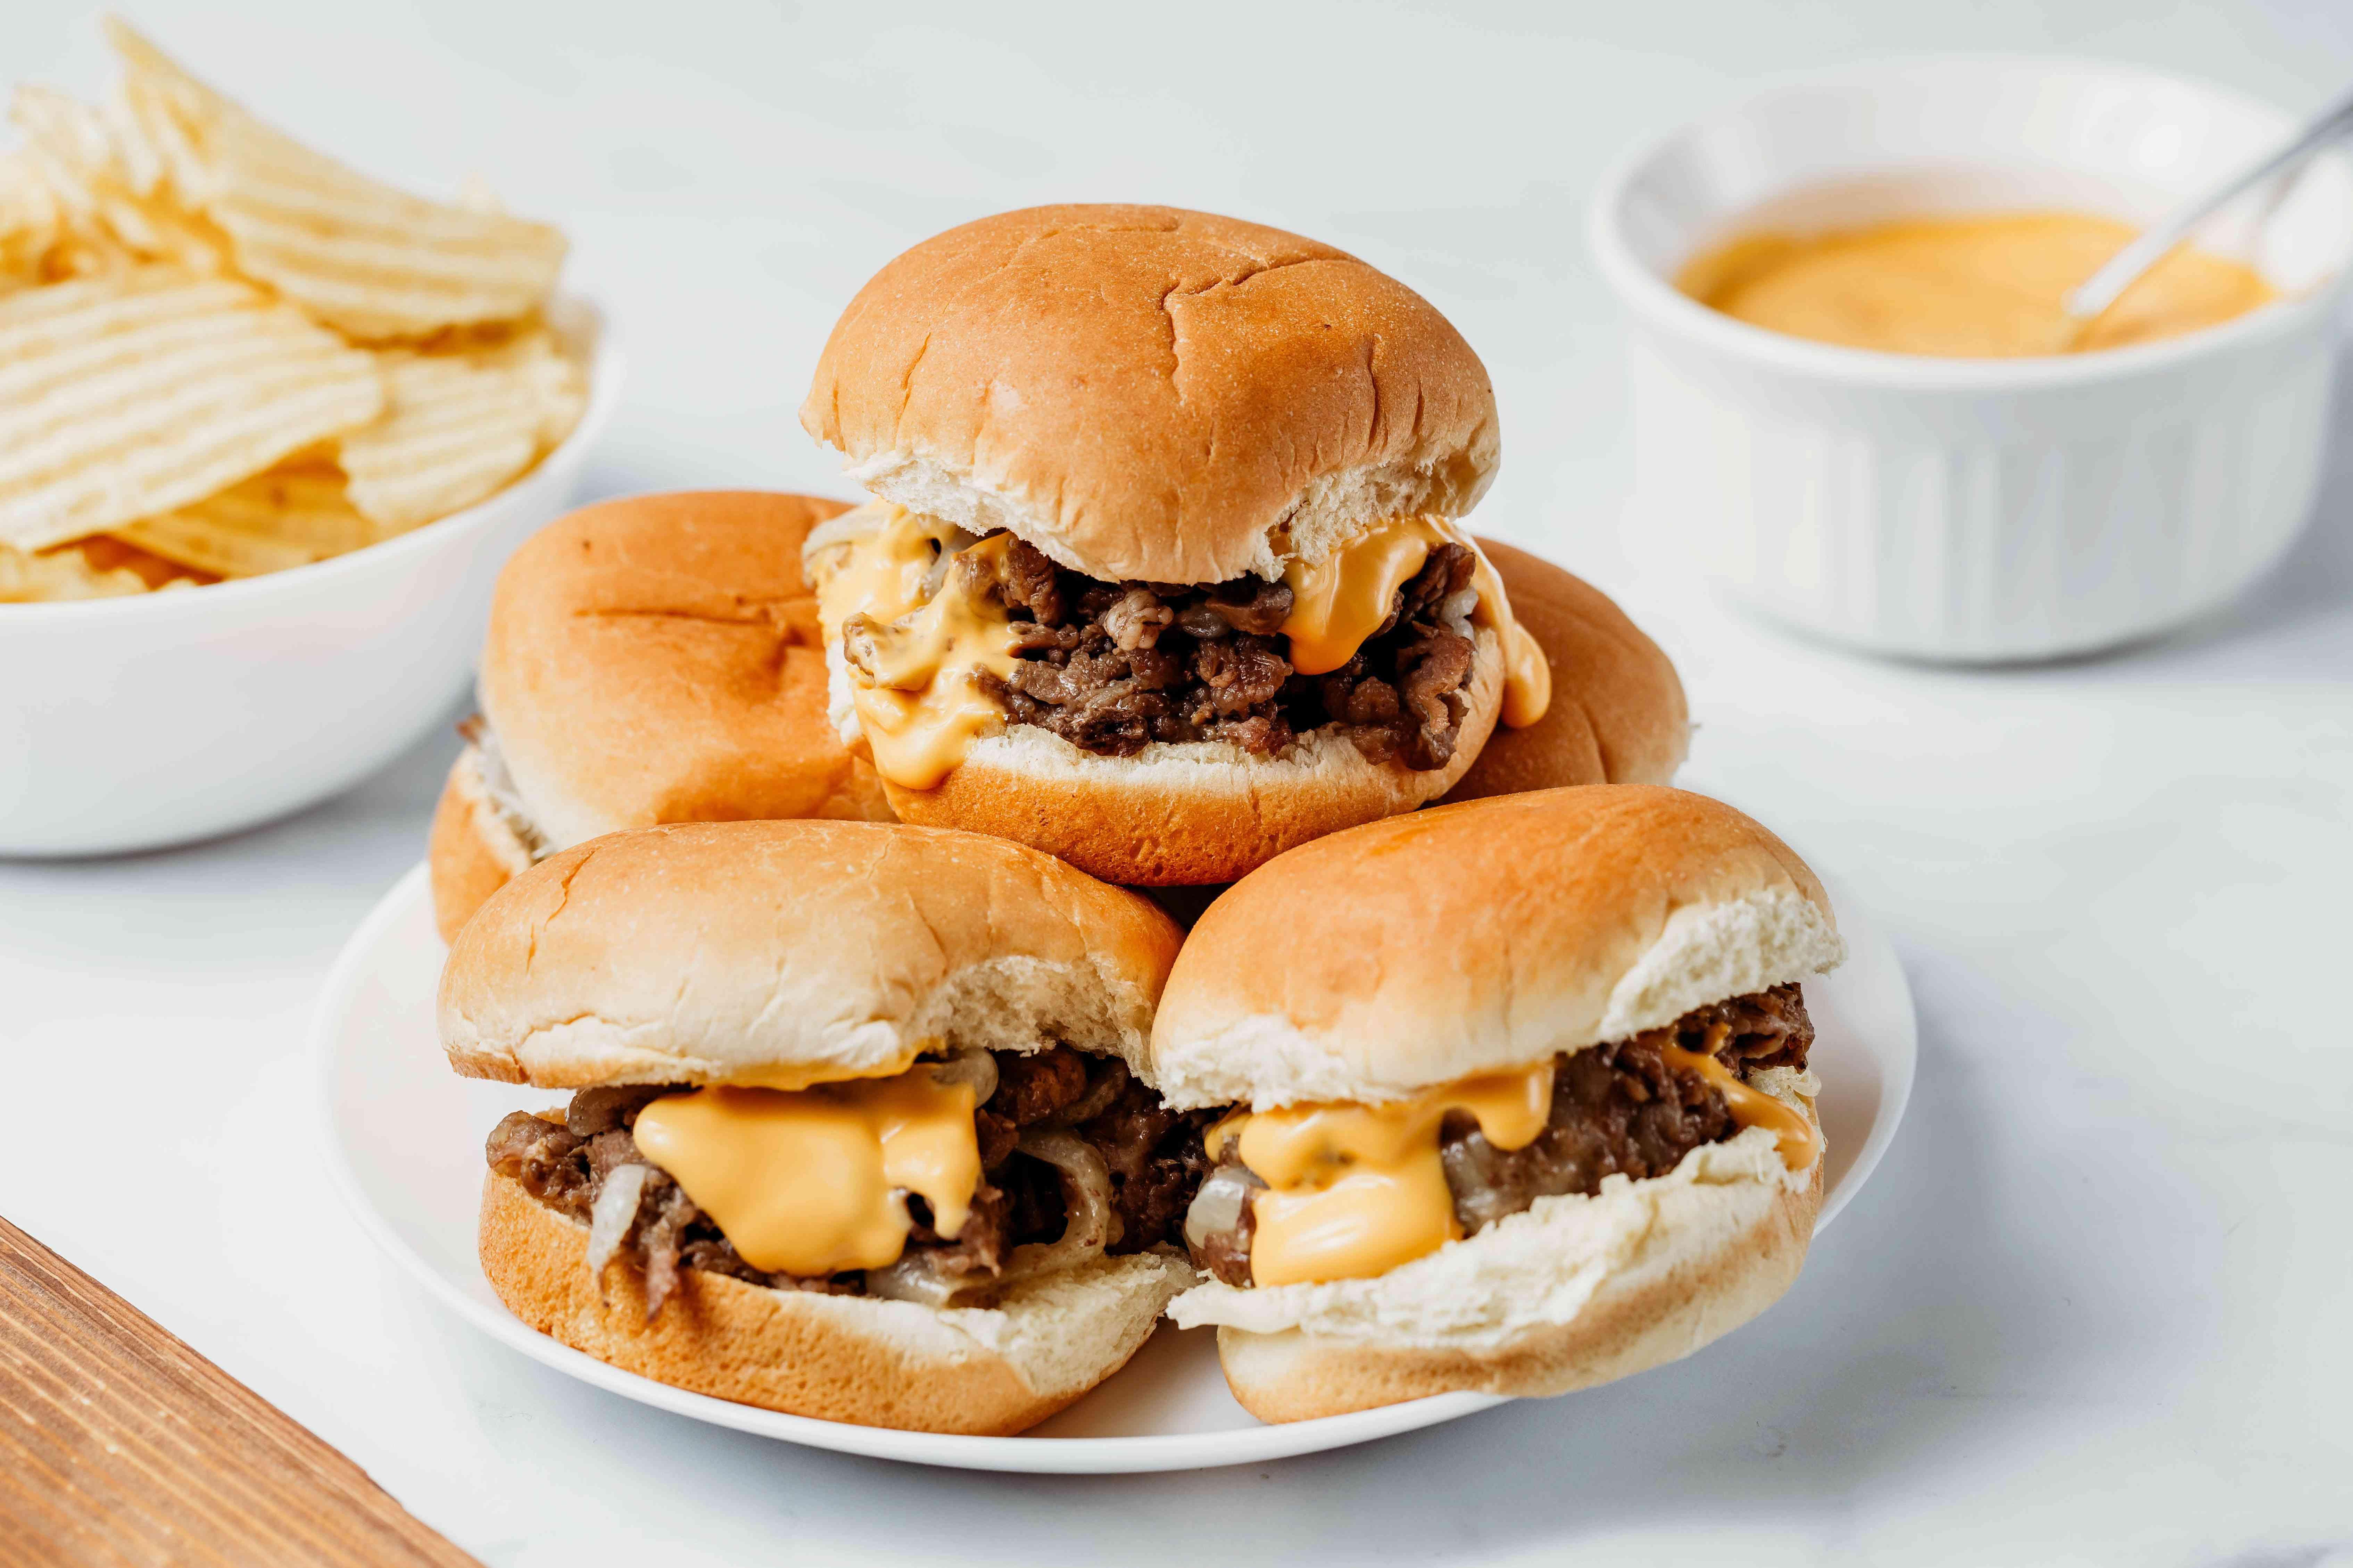 cheesesteak sliders on buns